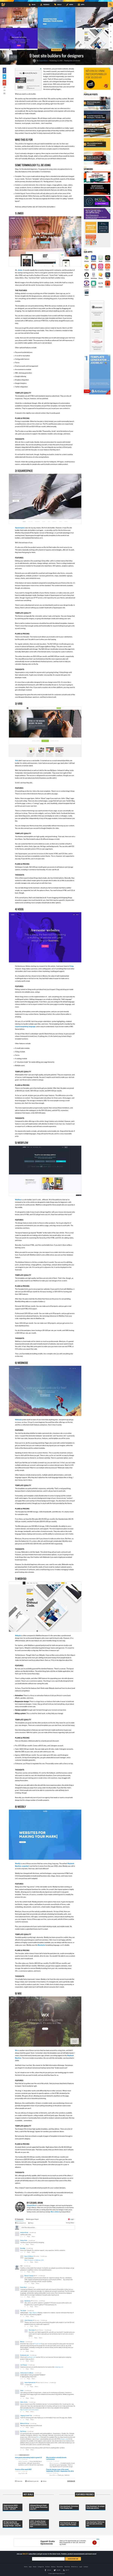 9 best site builders for designers | Webdesigner Depot